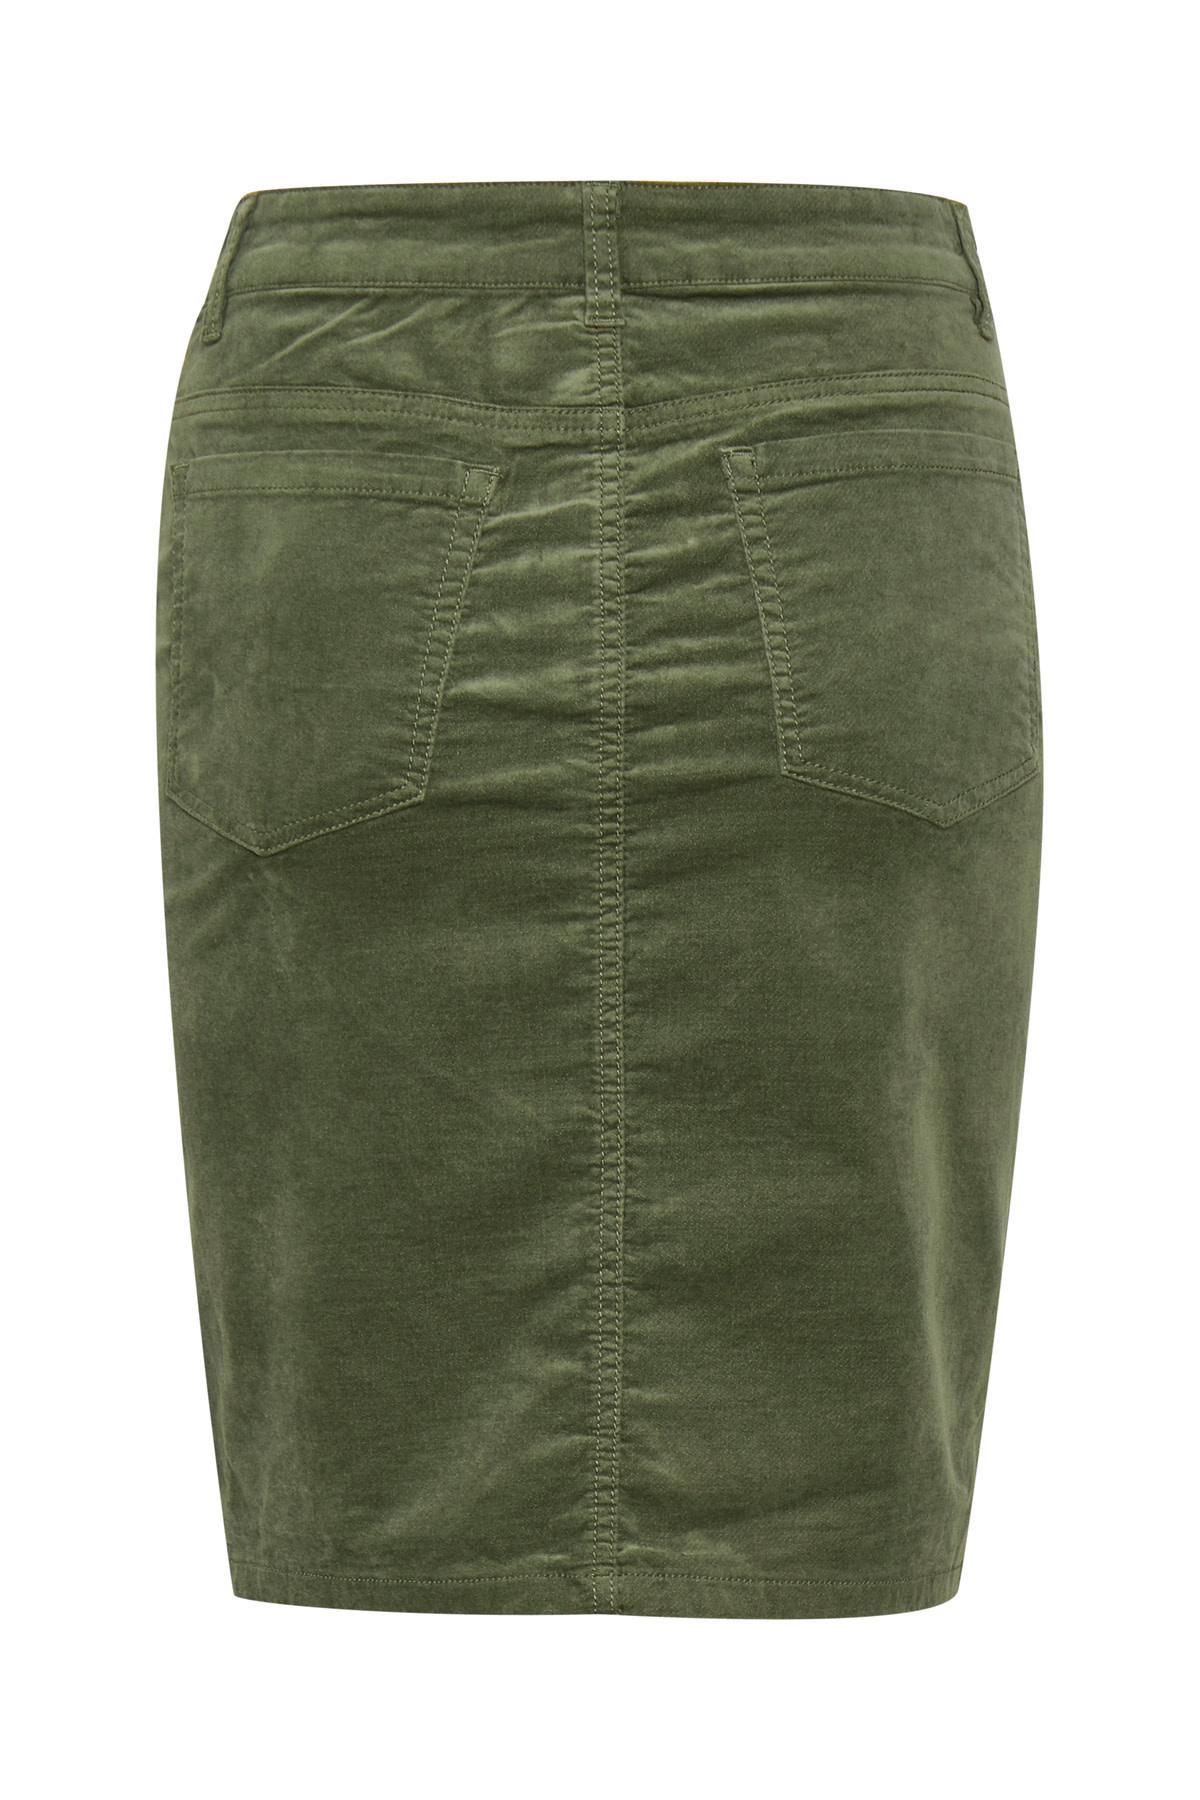 Tille Skirt - Beetle Green